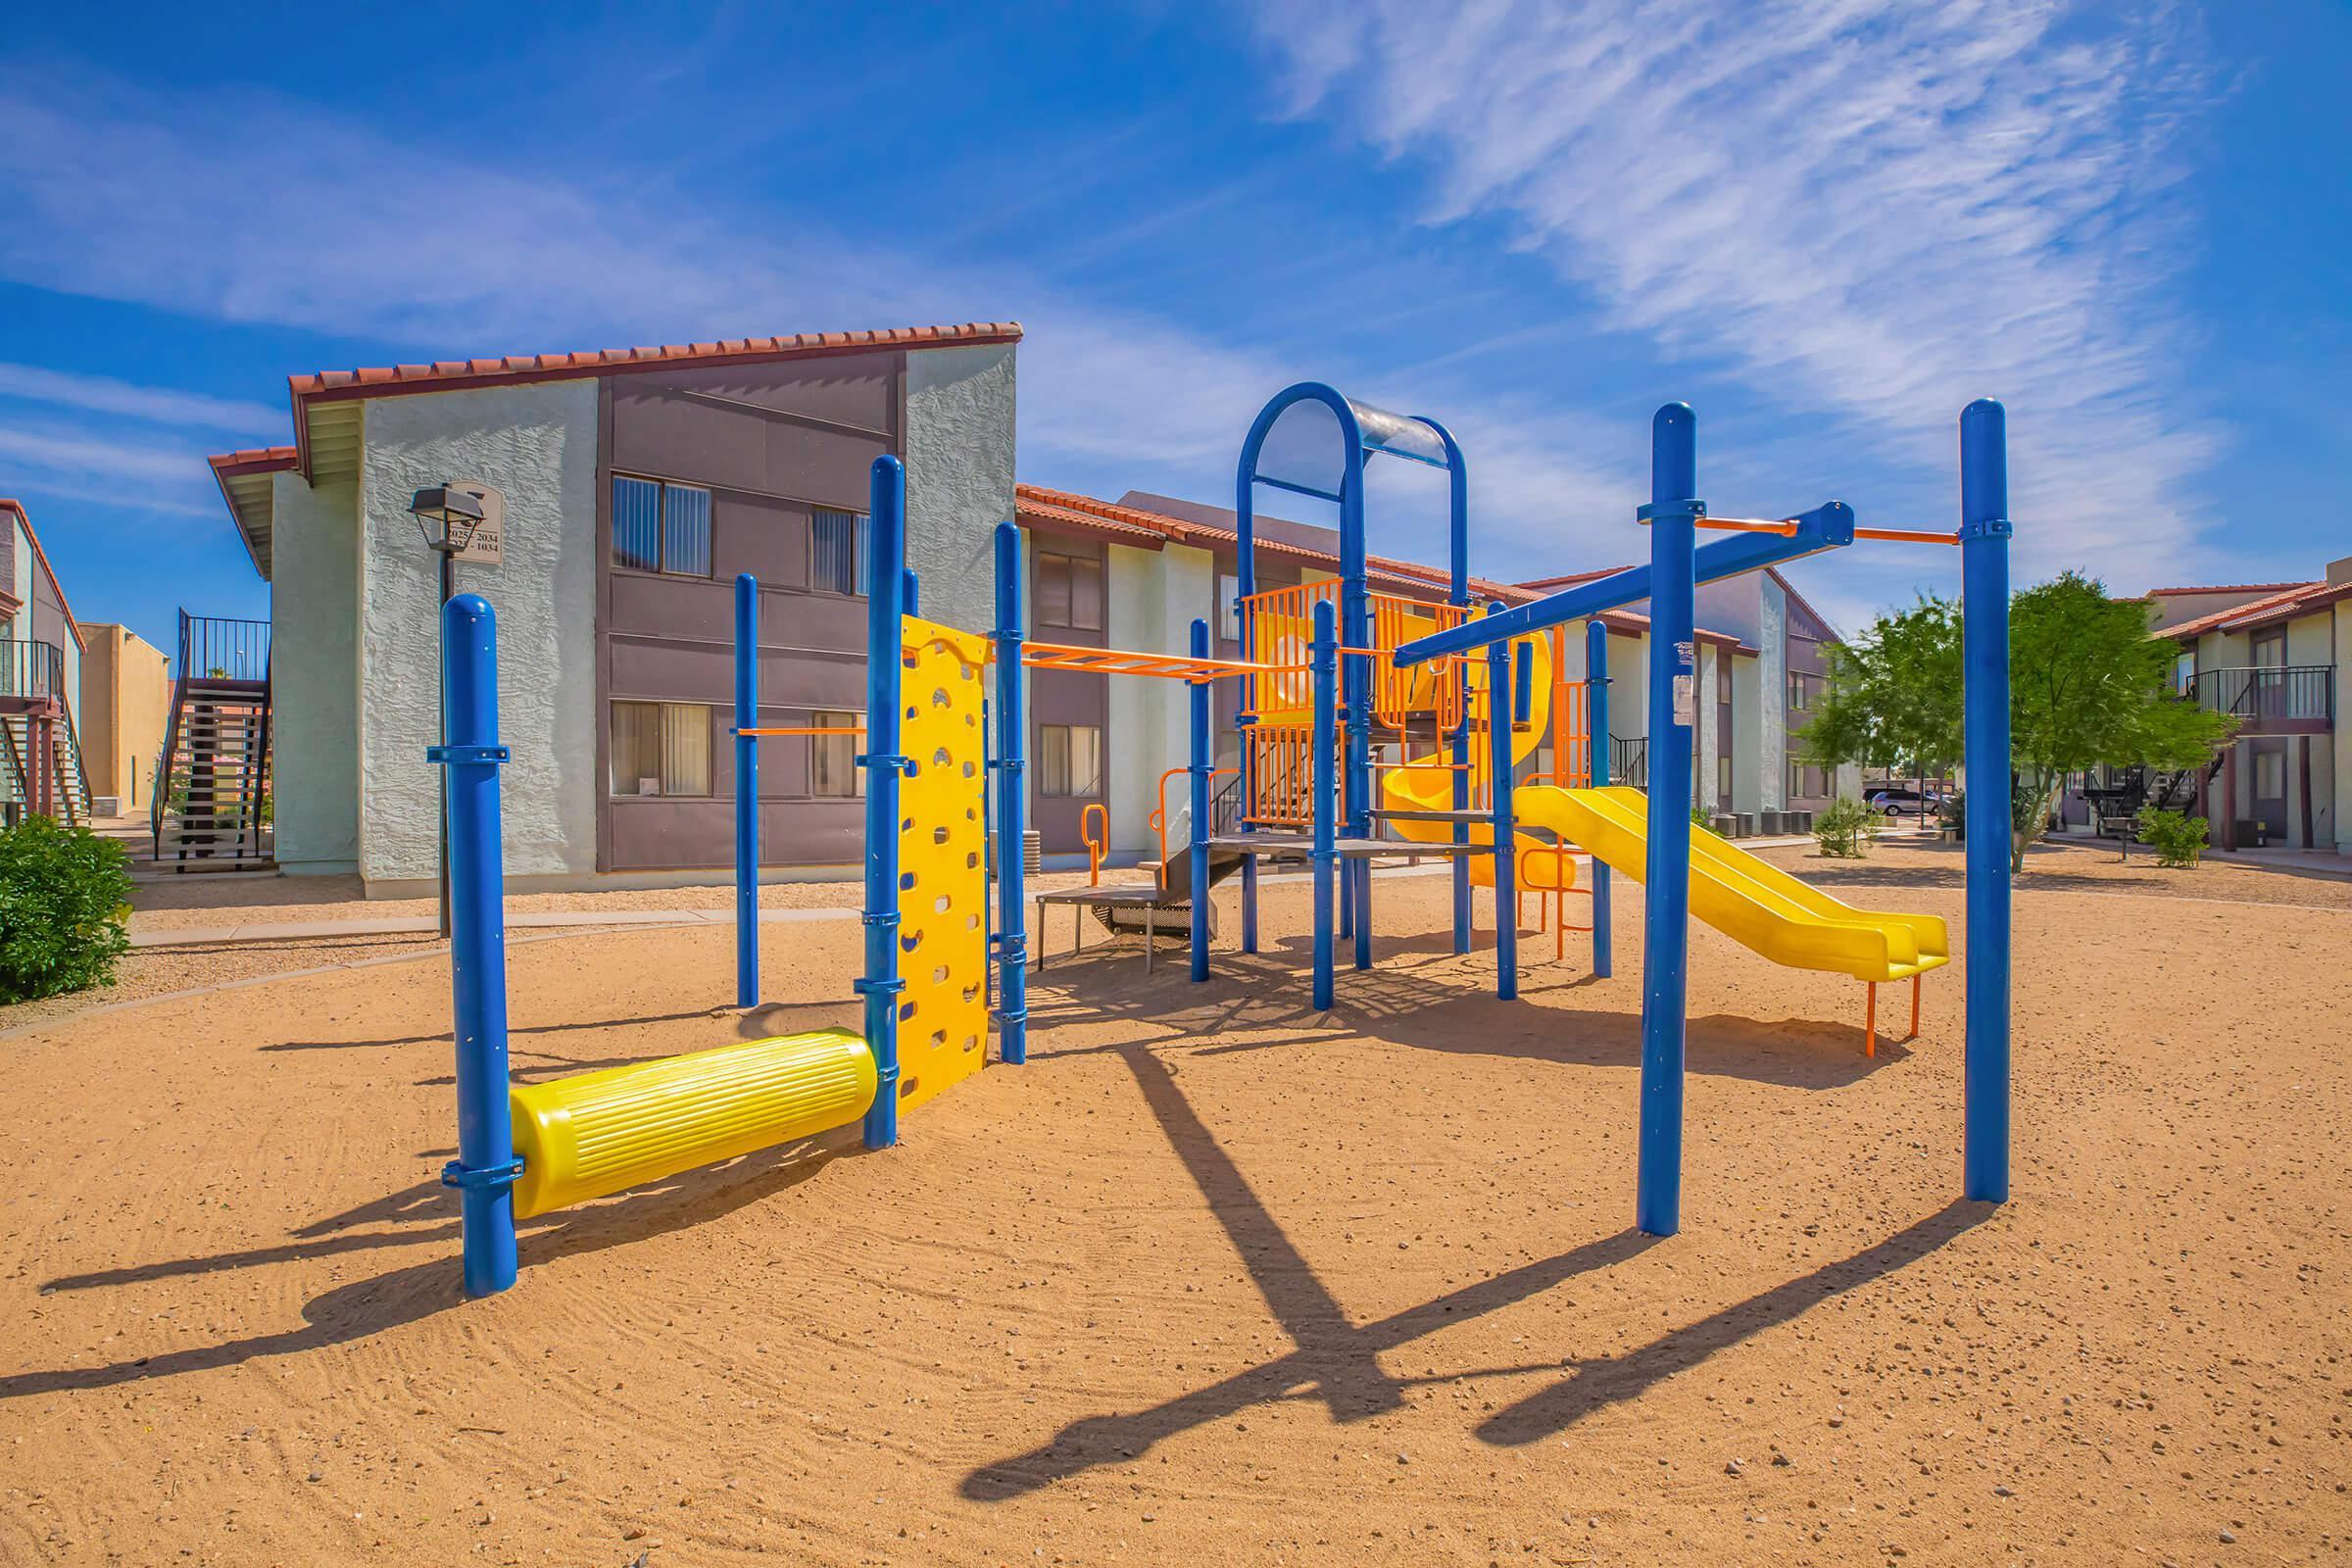 a playground at a beach